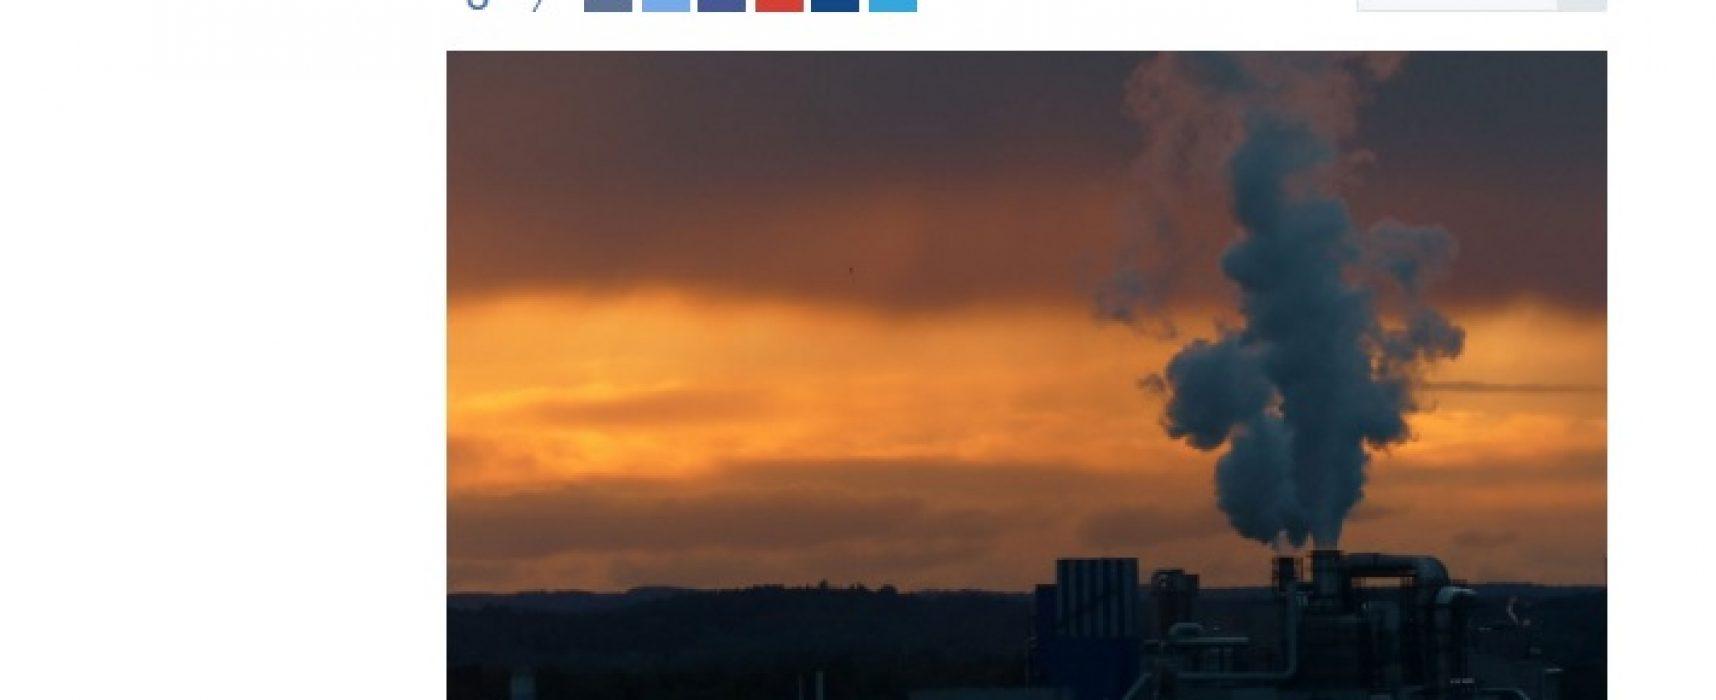 Fake: Ukraine weltweit unter TOP 5 bei Todesfällen durch Luftverschmutzung